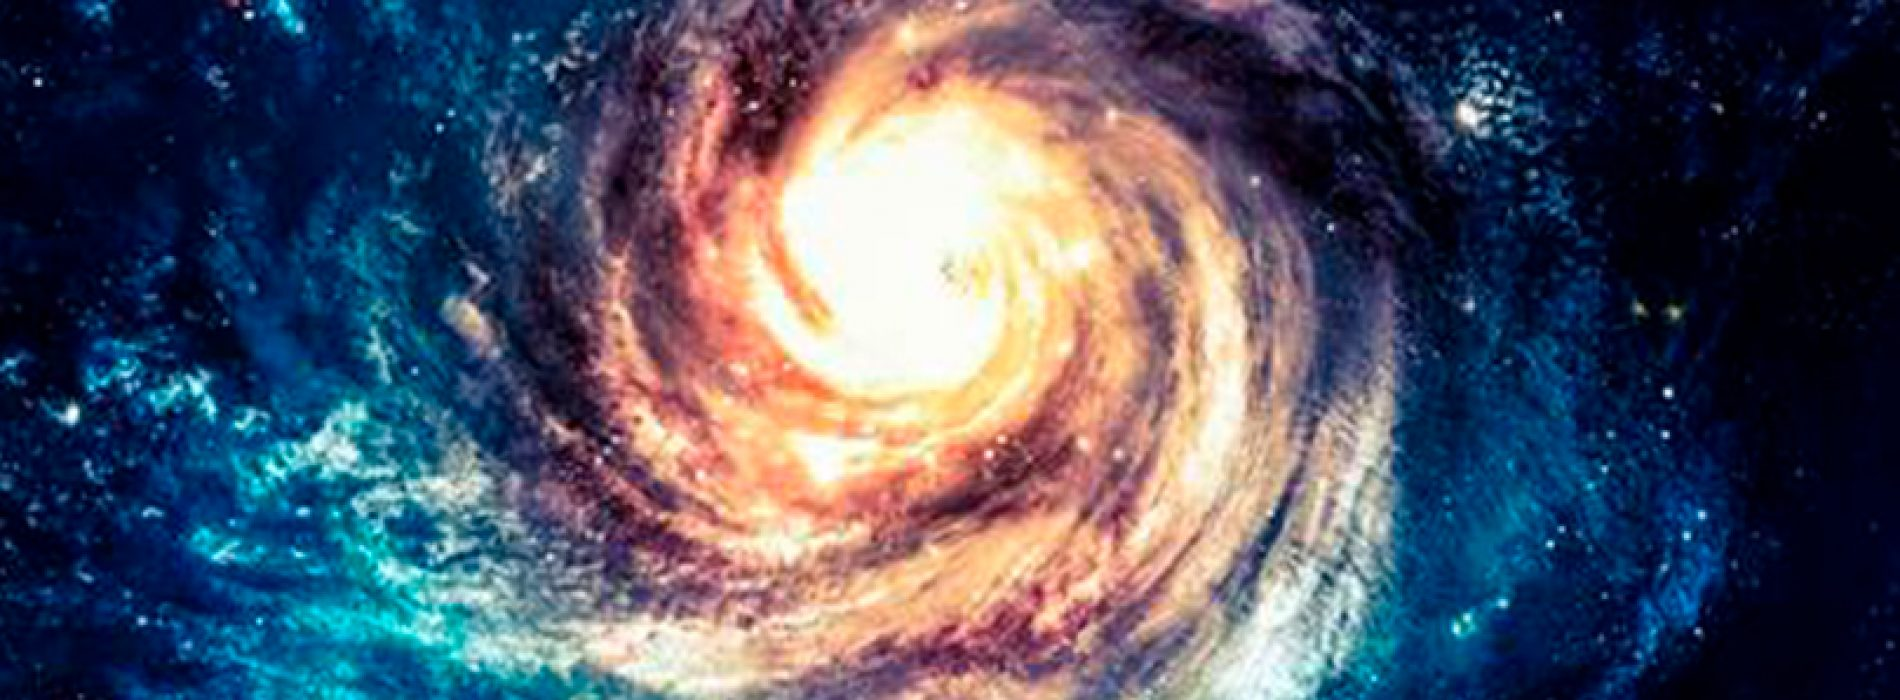 Universidad de Chile dictará curso de Galaxias para público general